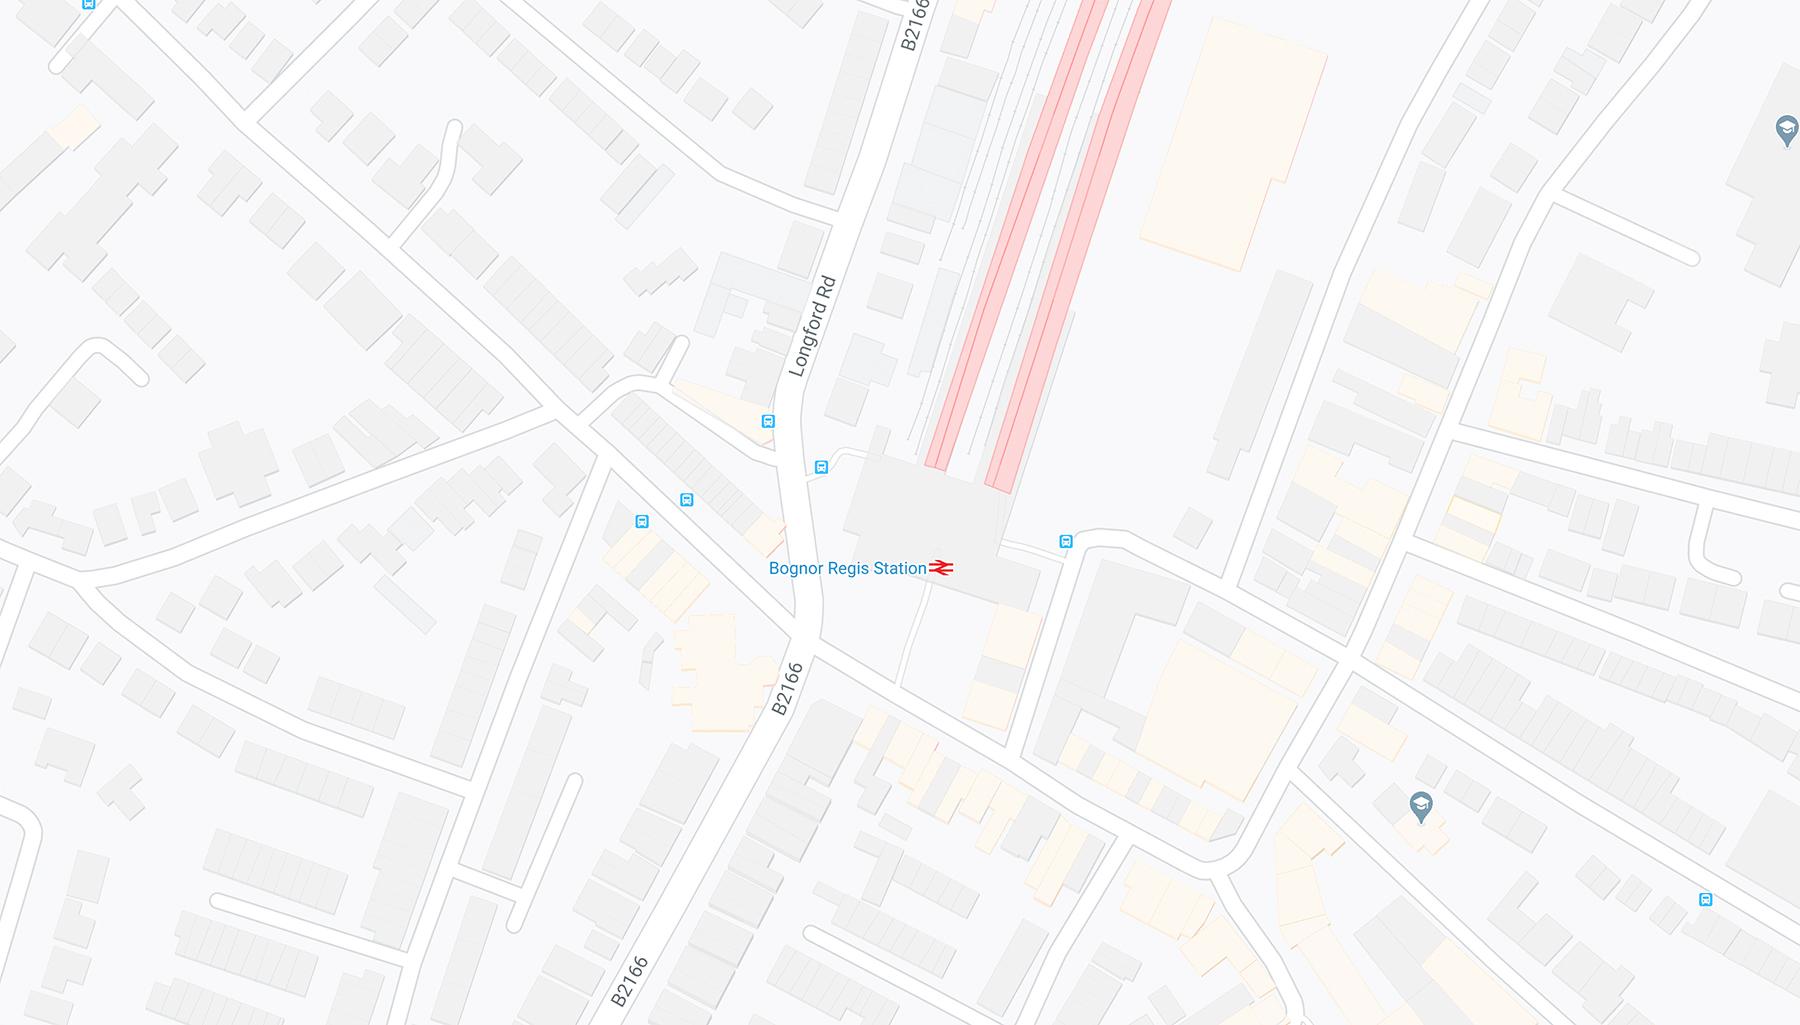 The Track Bognor Regis Map